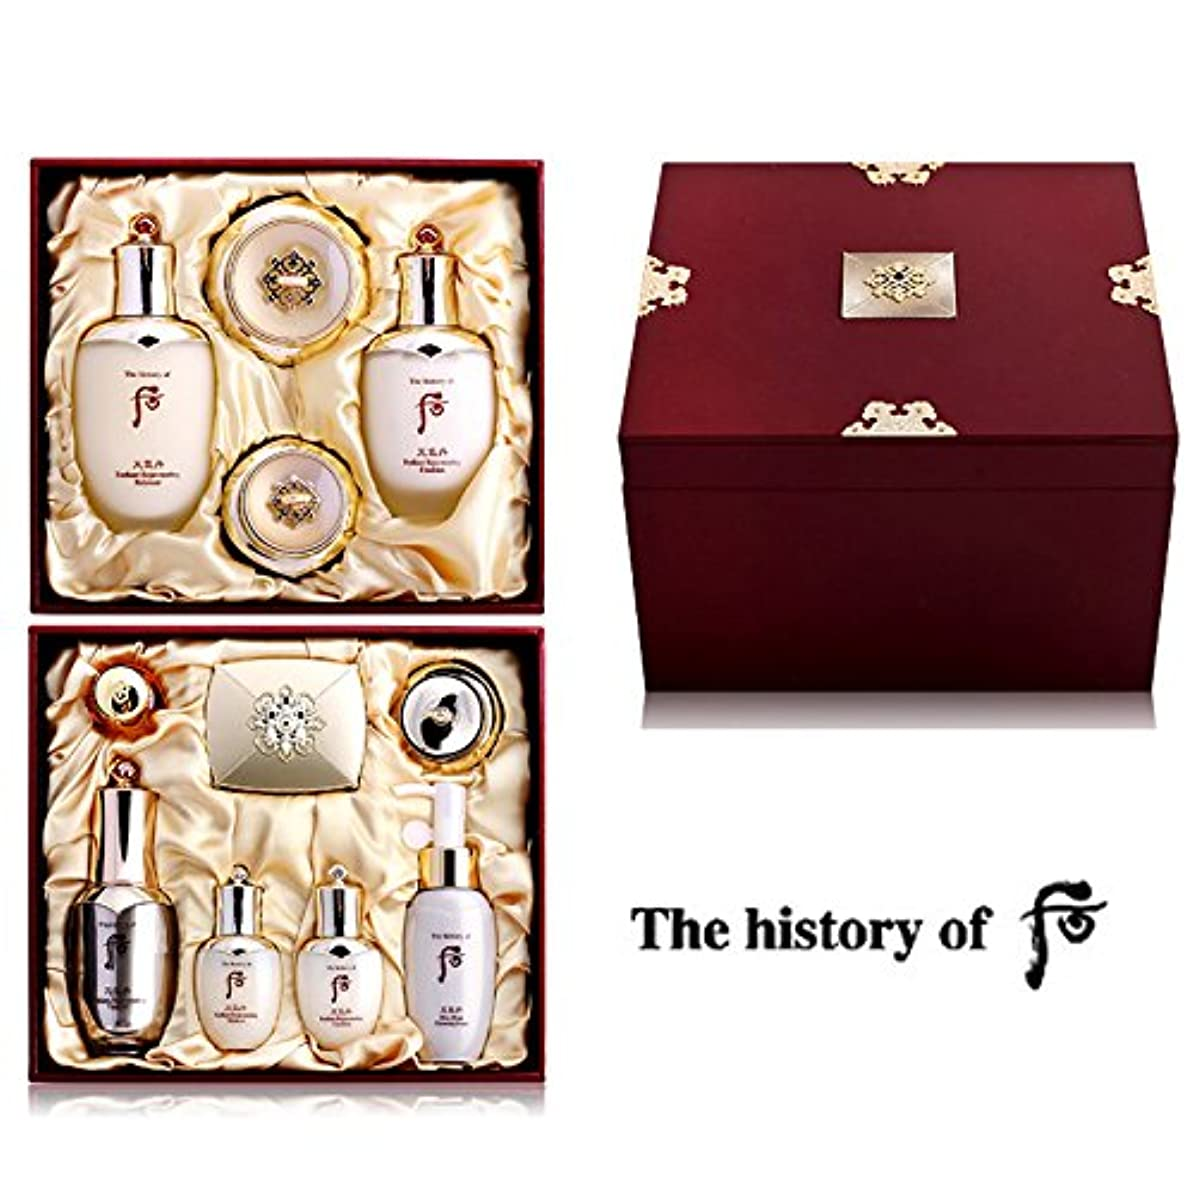 するだろう小石心理学【フー/The history of whoo] 天気丹 王侯(チョンギダン ワンフ) セット/Chonghi Dan Queen Special Set+[Sample Gift](海外直送品)